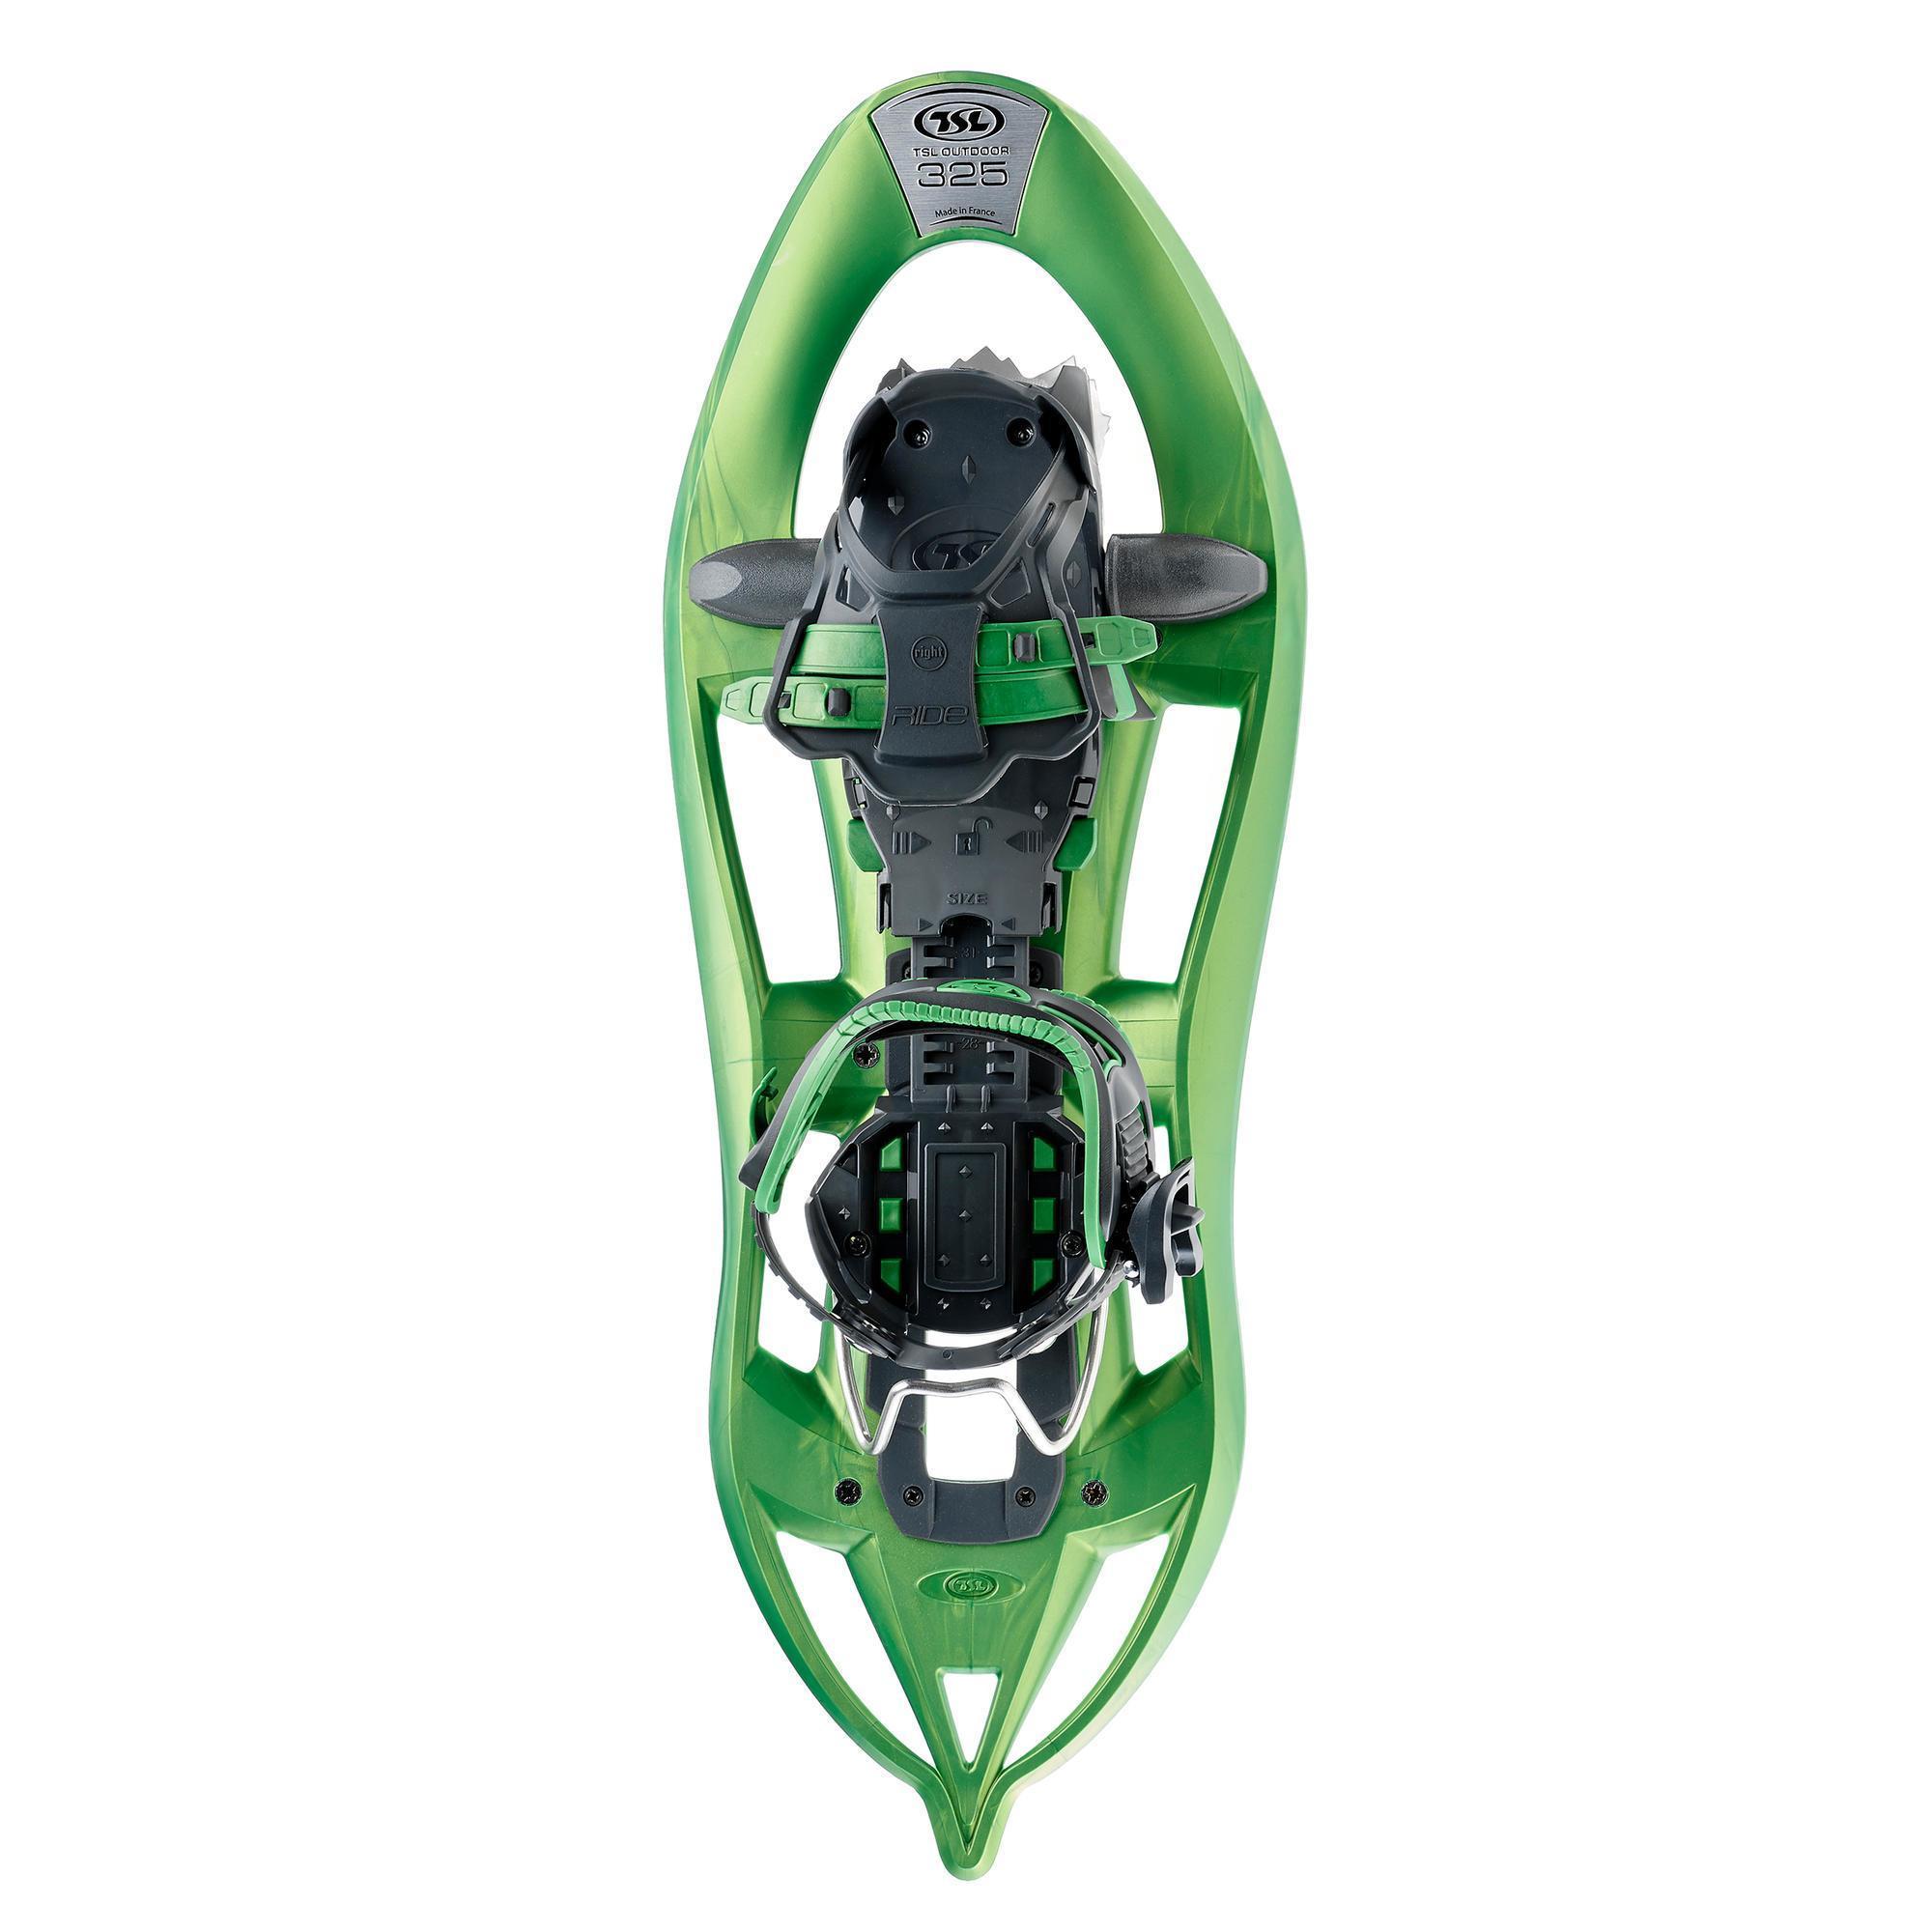 Schneeschuhe TSL 325 Ride großer Rahmen grün | Schuhe > Sportschuhe > Schneeschuhe | Grün | Tsl